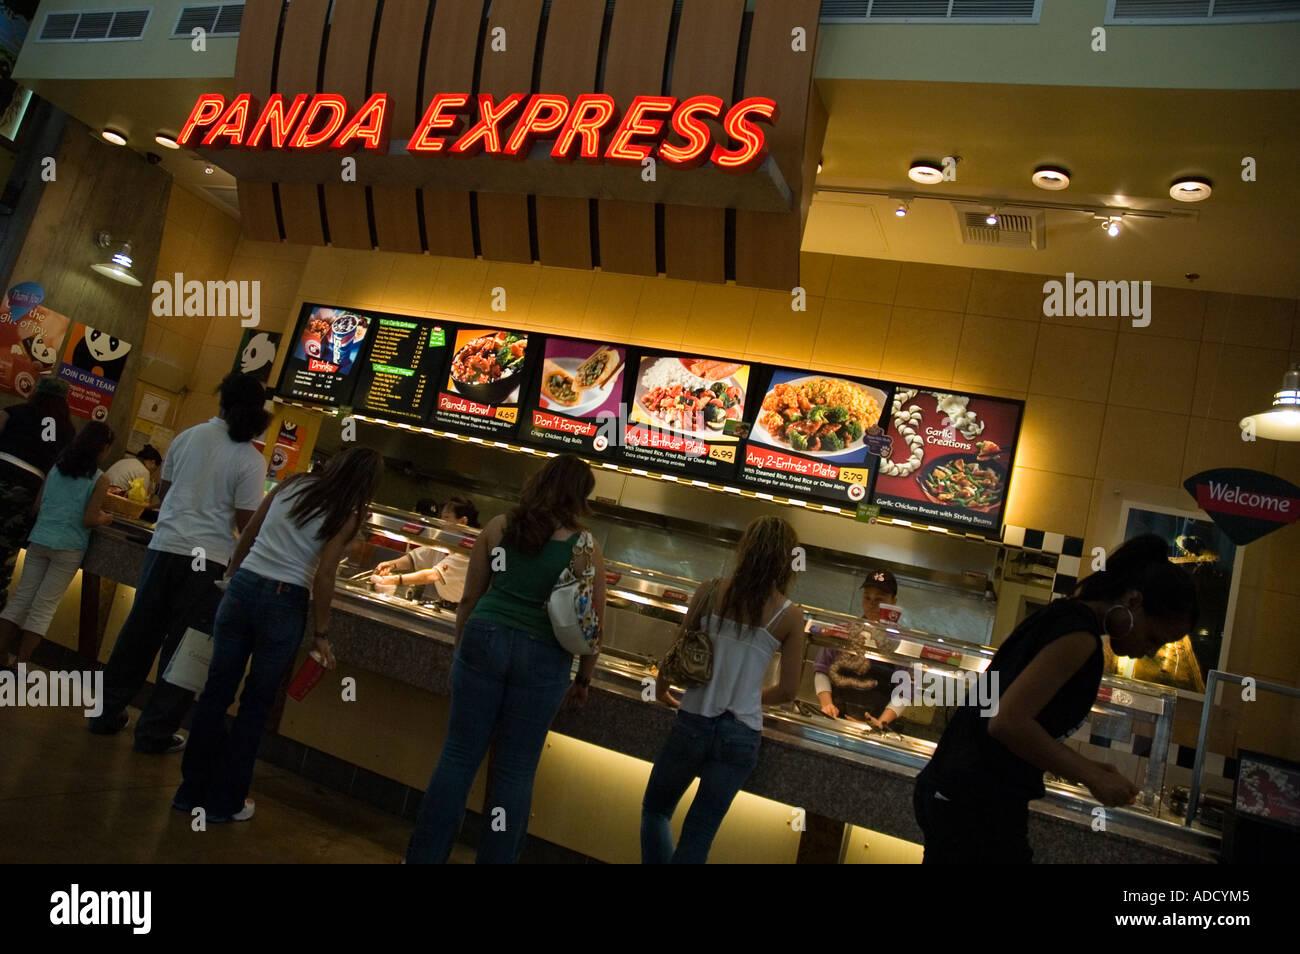 Panda Express Stock Photos & Panda Express Stock Images - Alamy